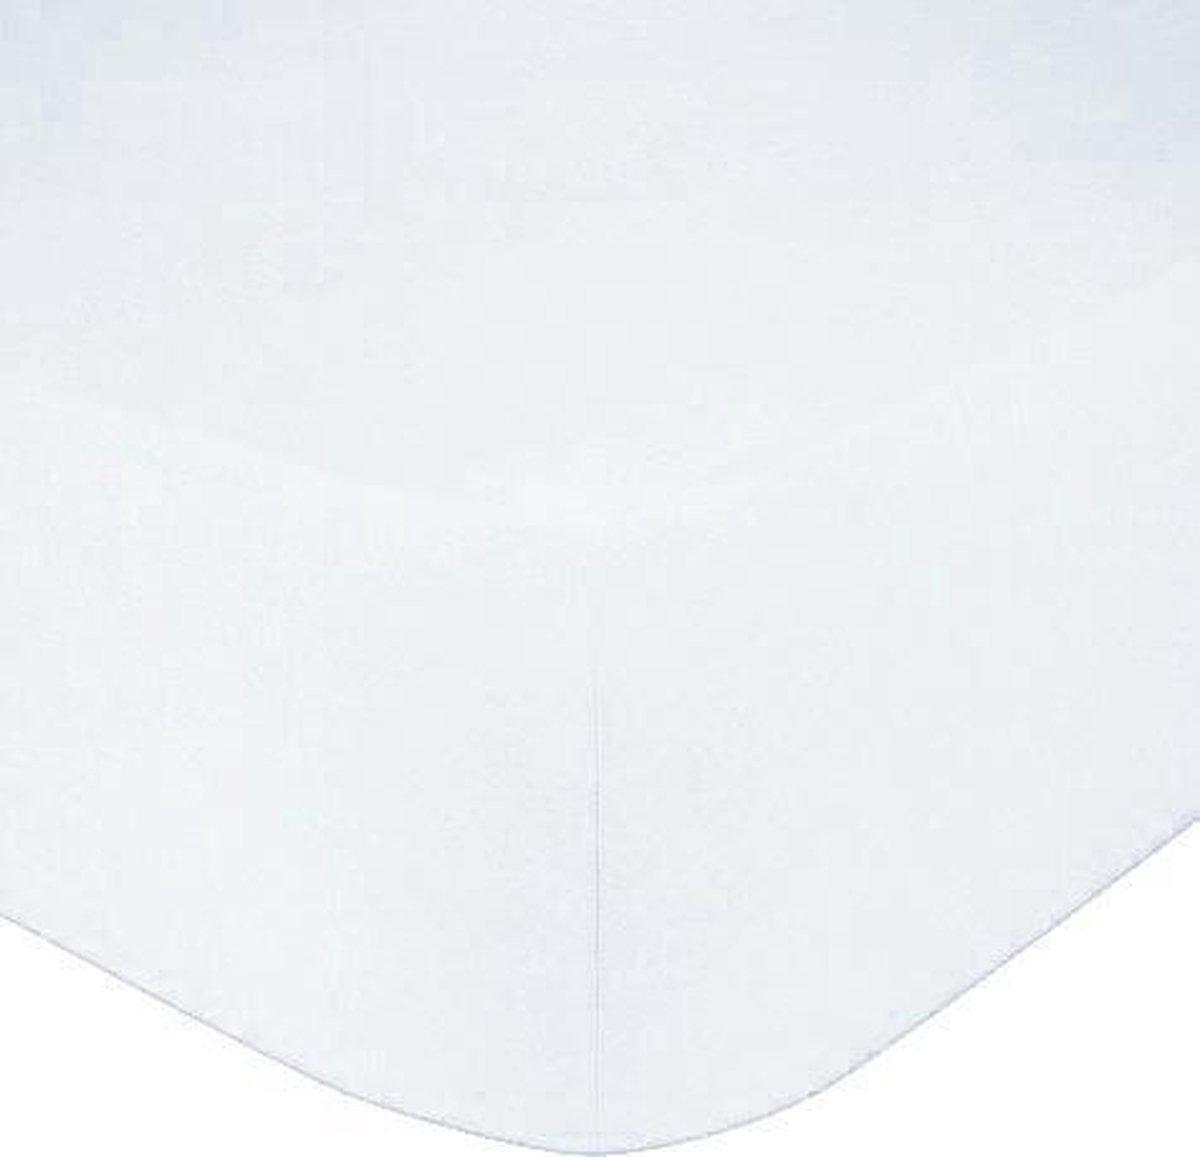 Het Ultieme Zachte Hoeslaken- Jersey -Stretch -100% Katoen-2Persoons-Lits-Jumeaux- 180x200x30cm-Wit